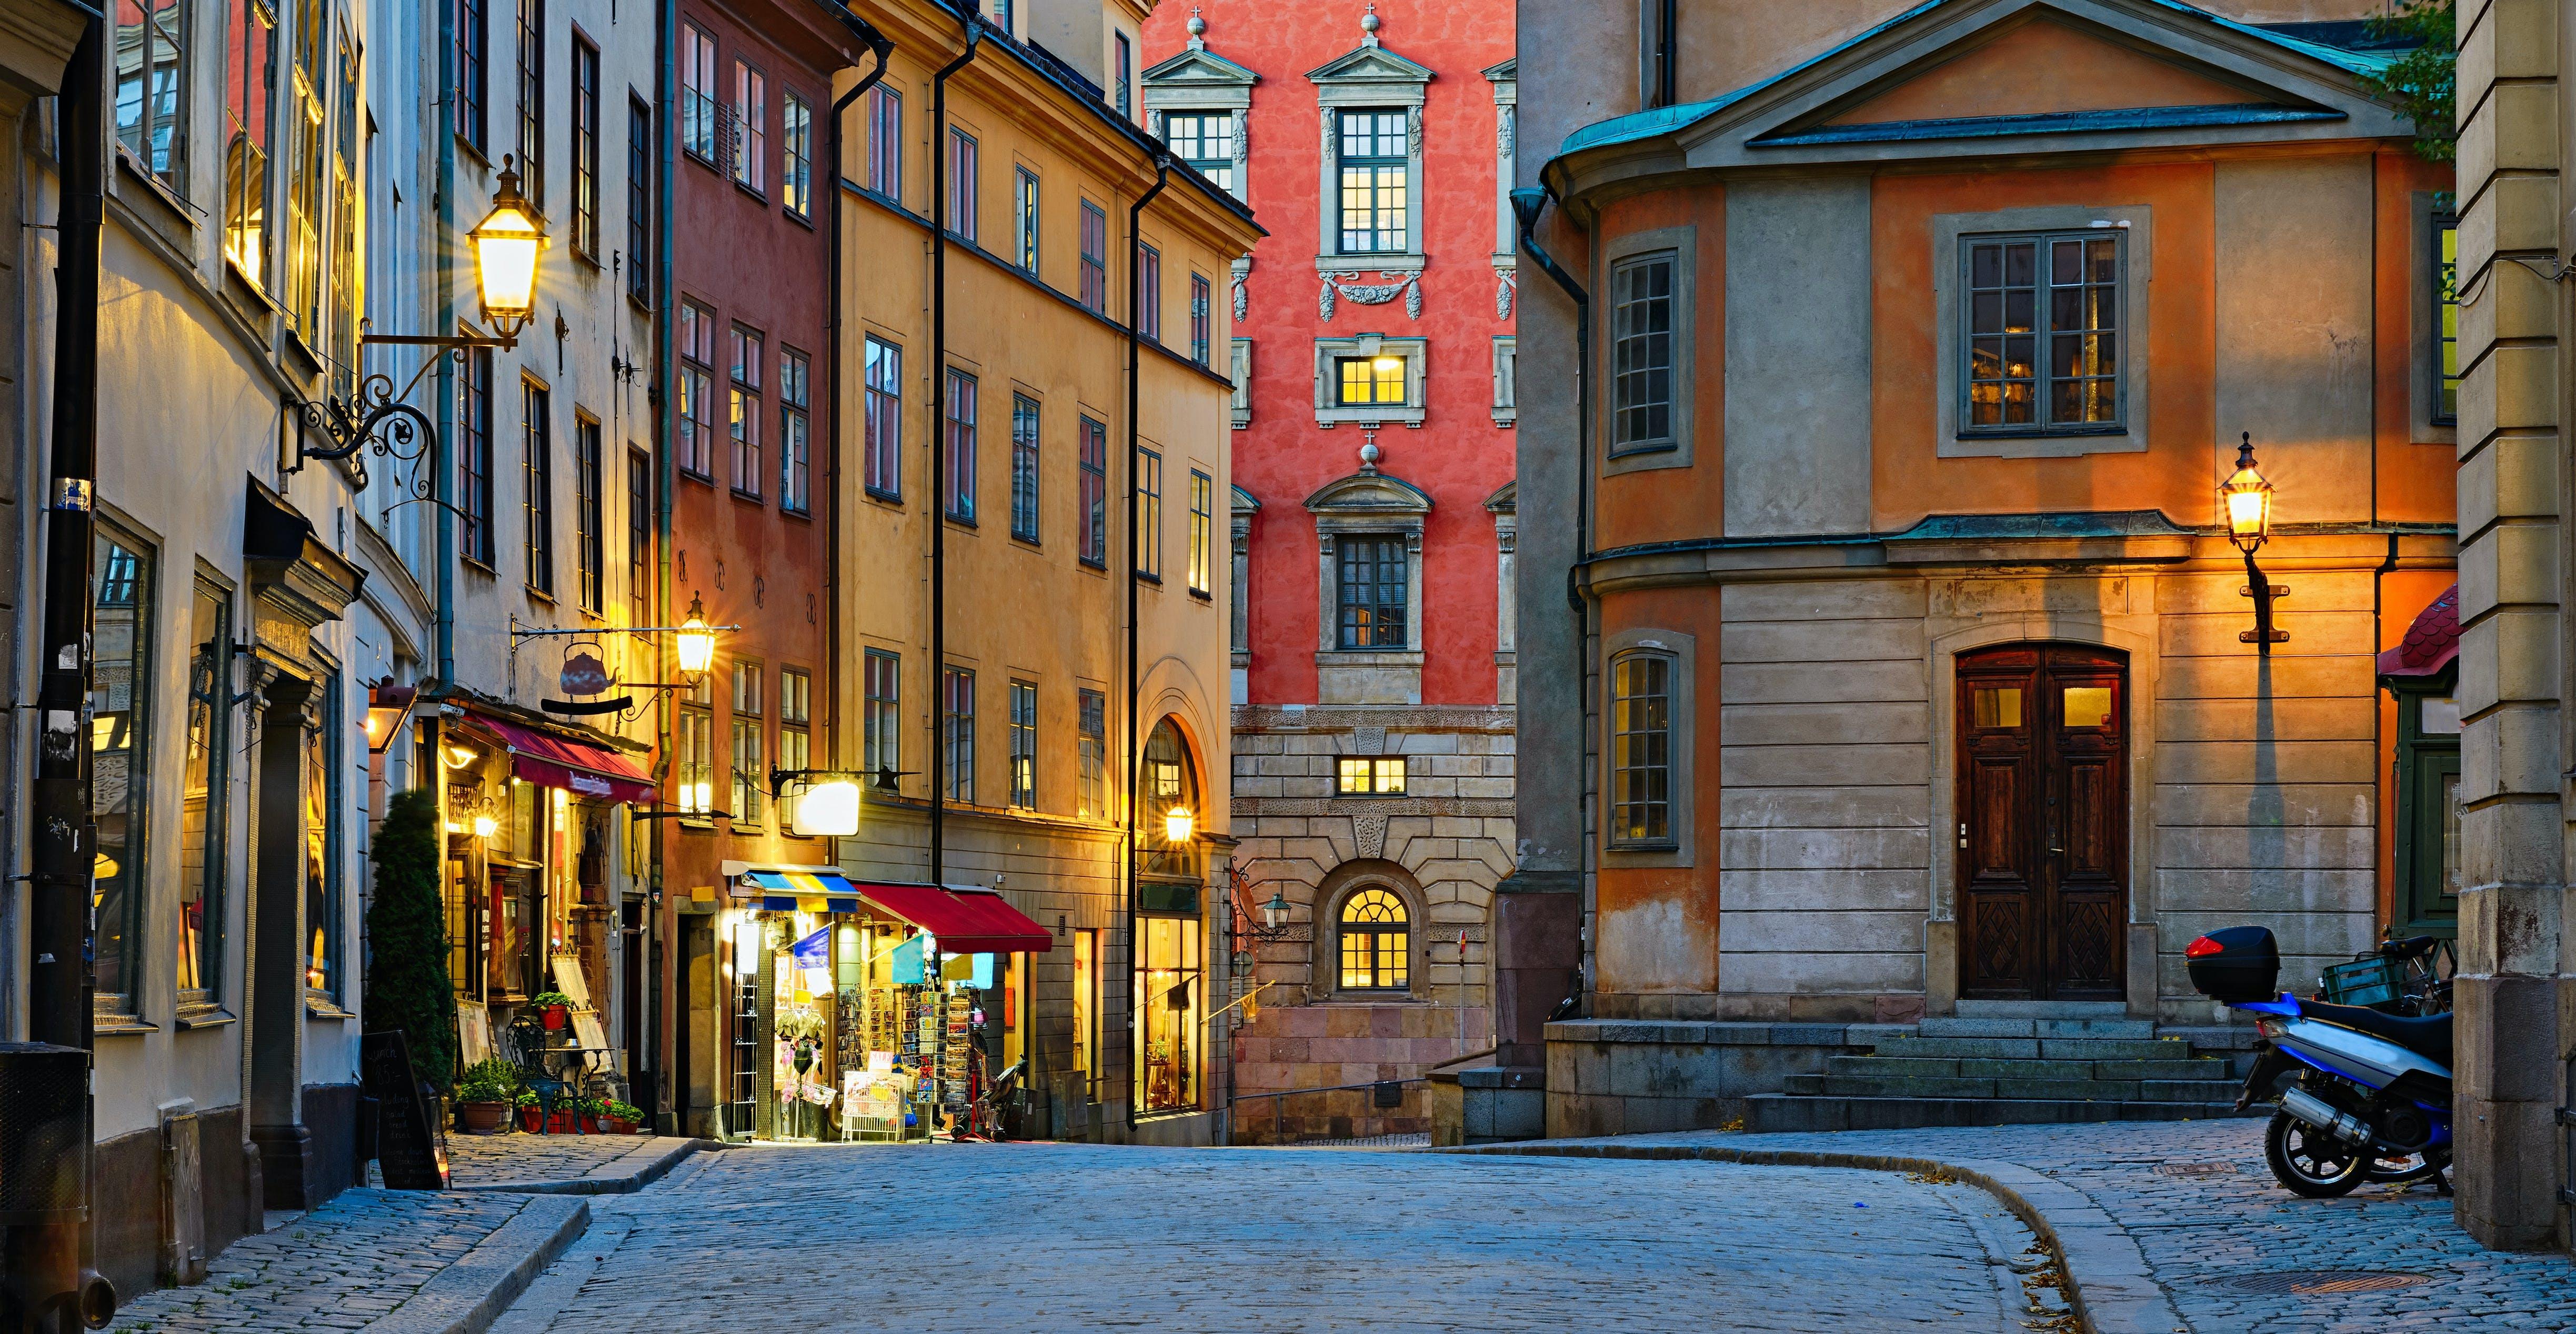 Ver la ciudad,Tours andando,Tour por Estocolmo,Tour por el centro histórico